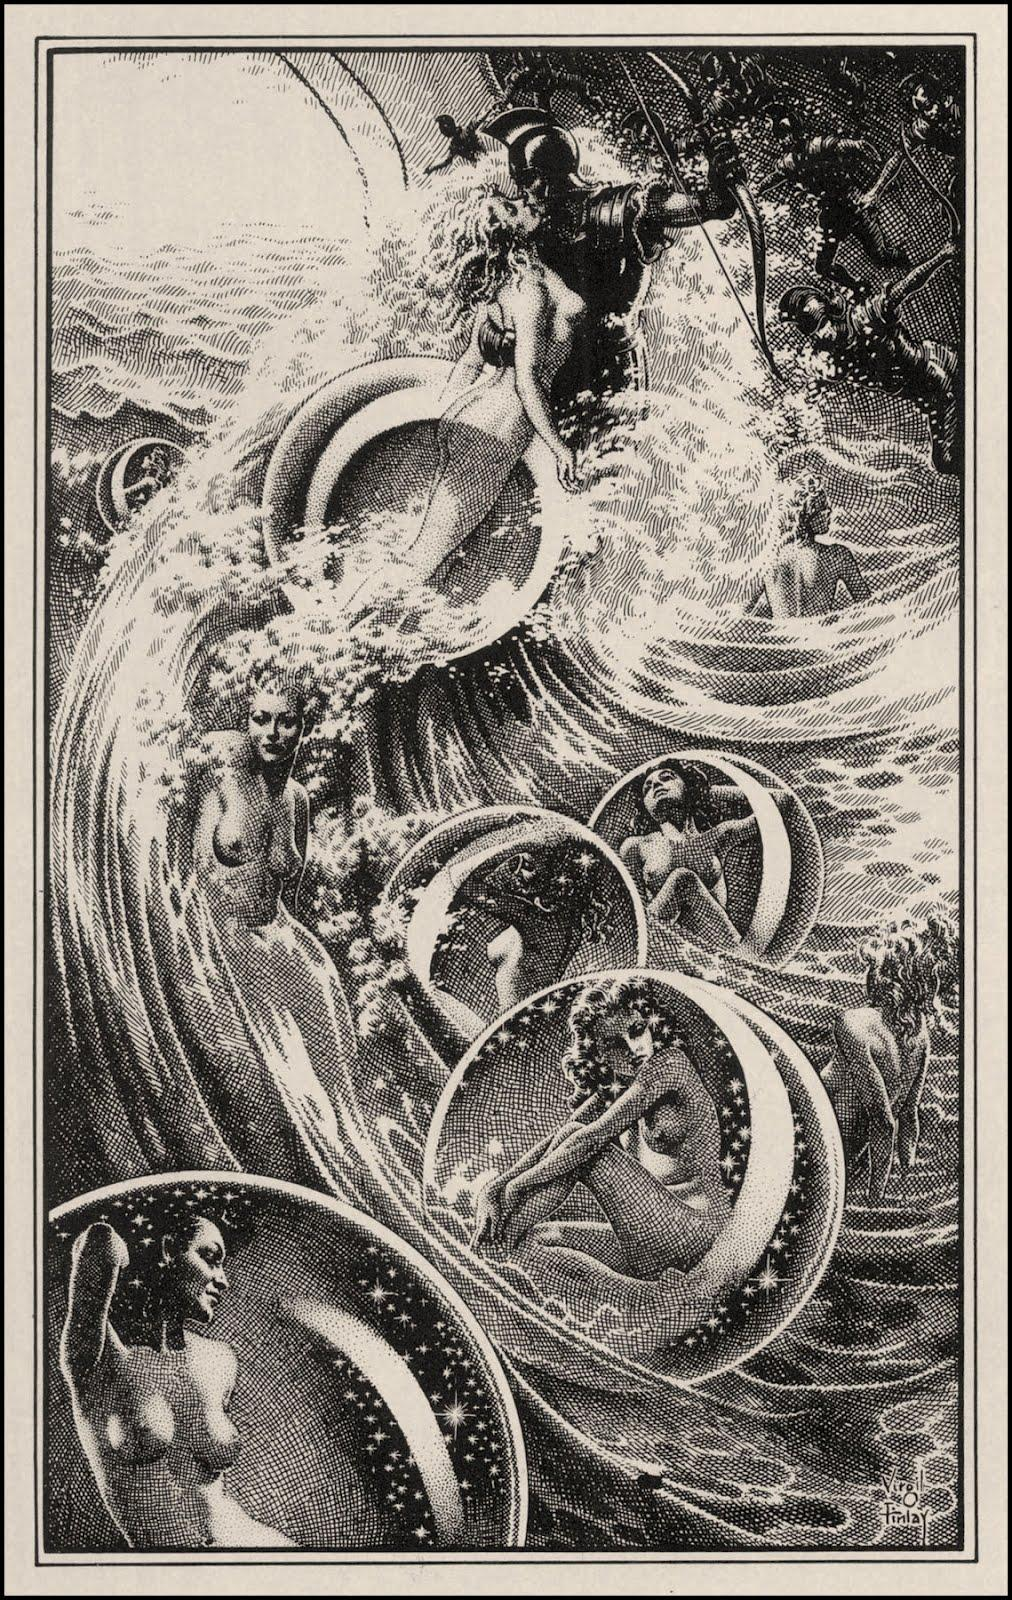 VirgilFinlay_TheShipOfIshtar_1949_100.jpg (1012×1600)